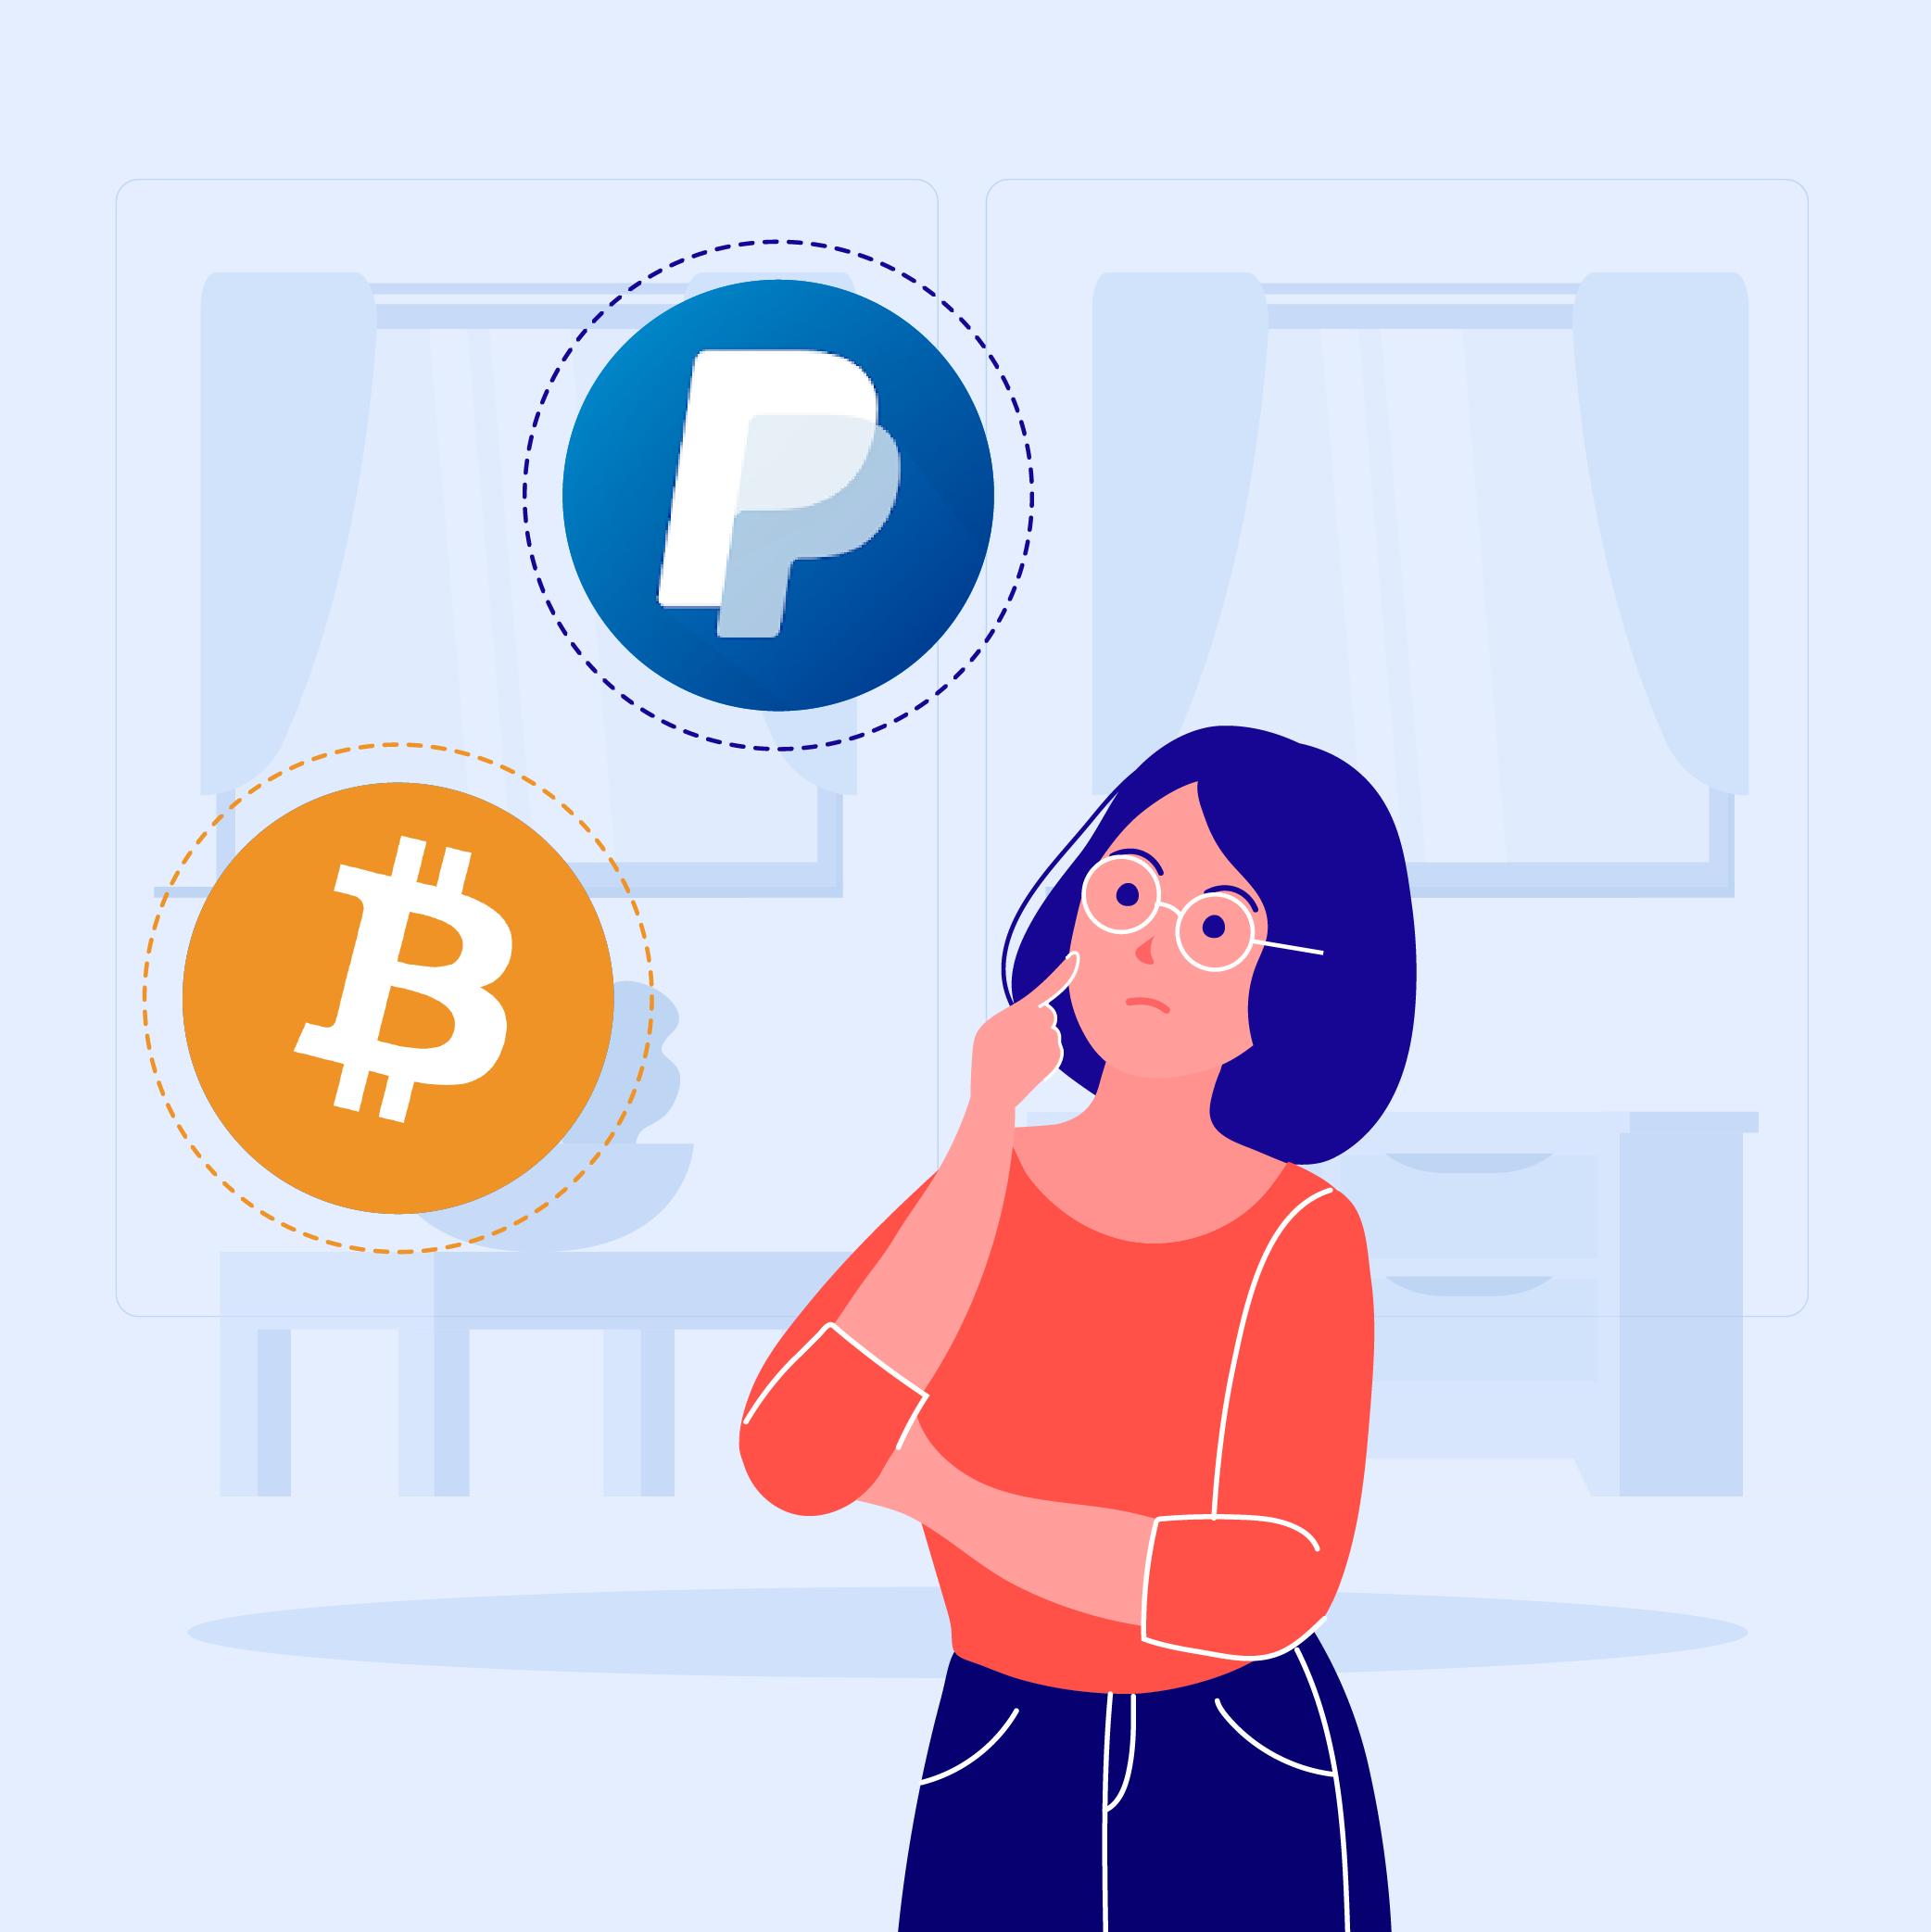 Pirkti bitcoin paypal. Saugūs atsiskaitymo būdai